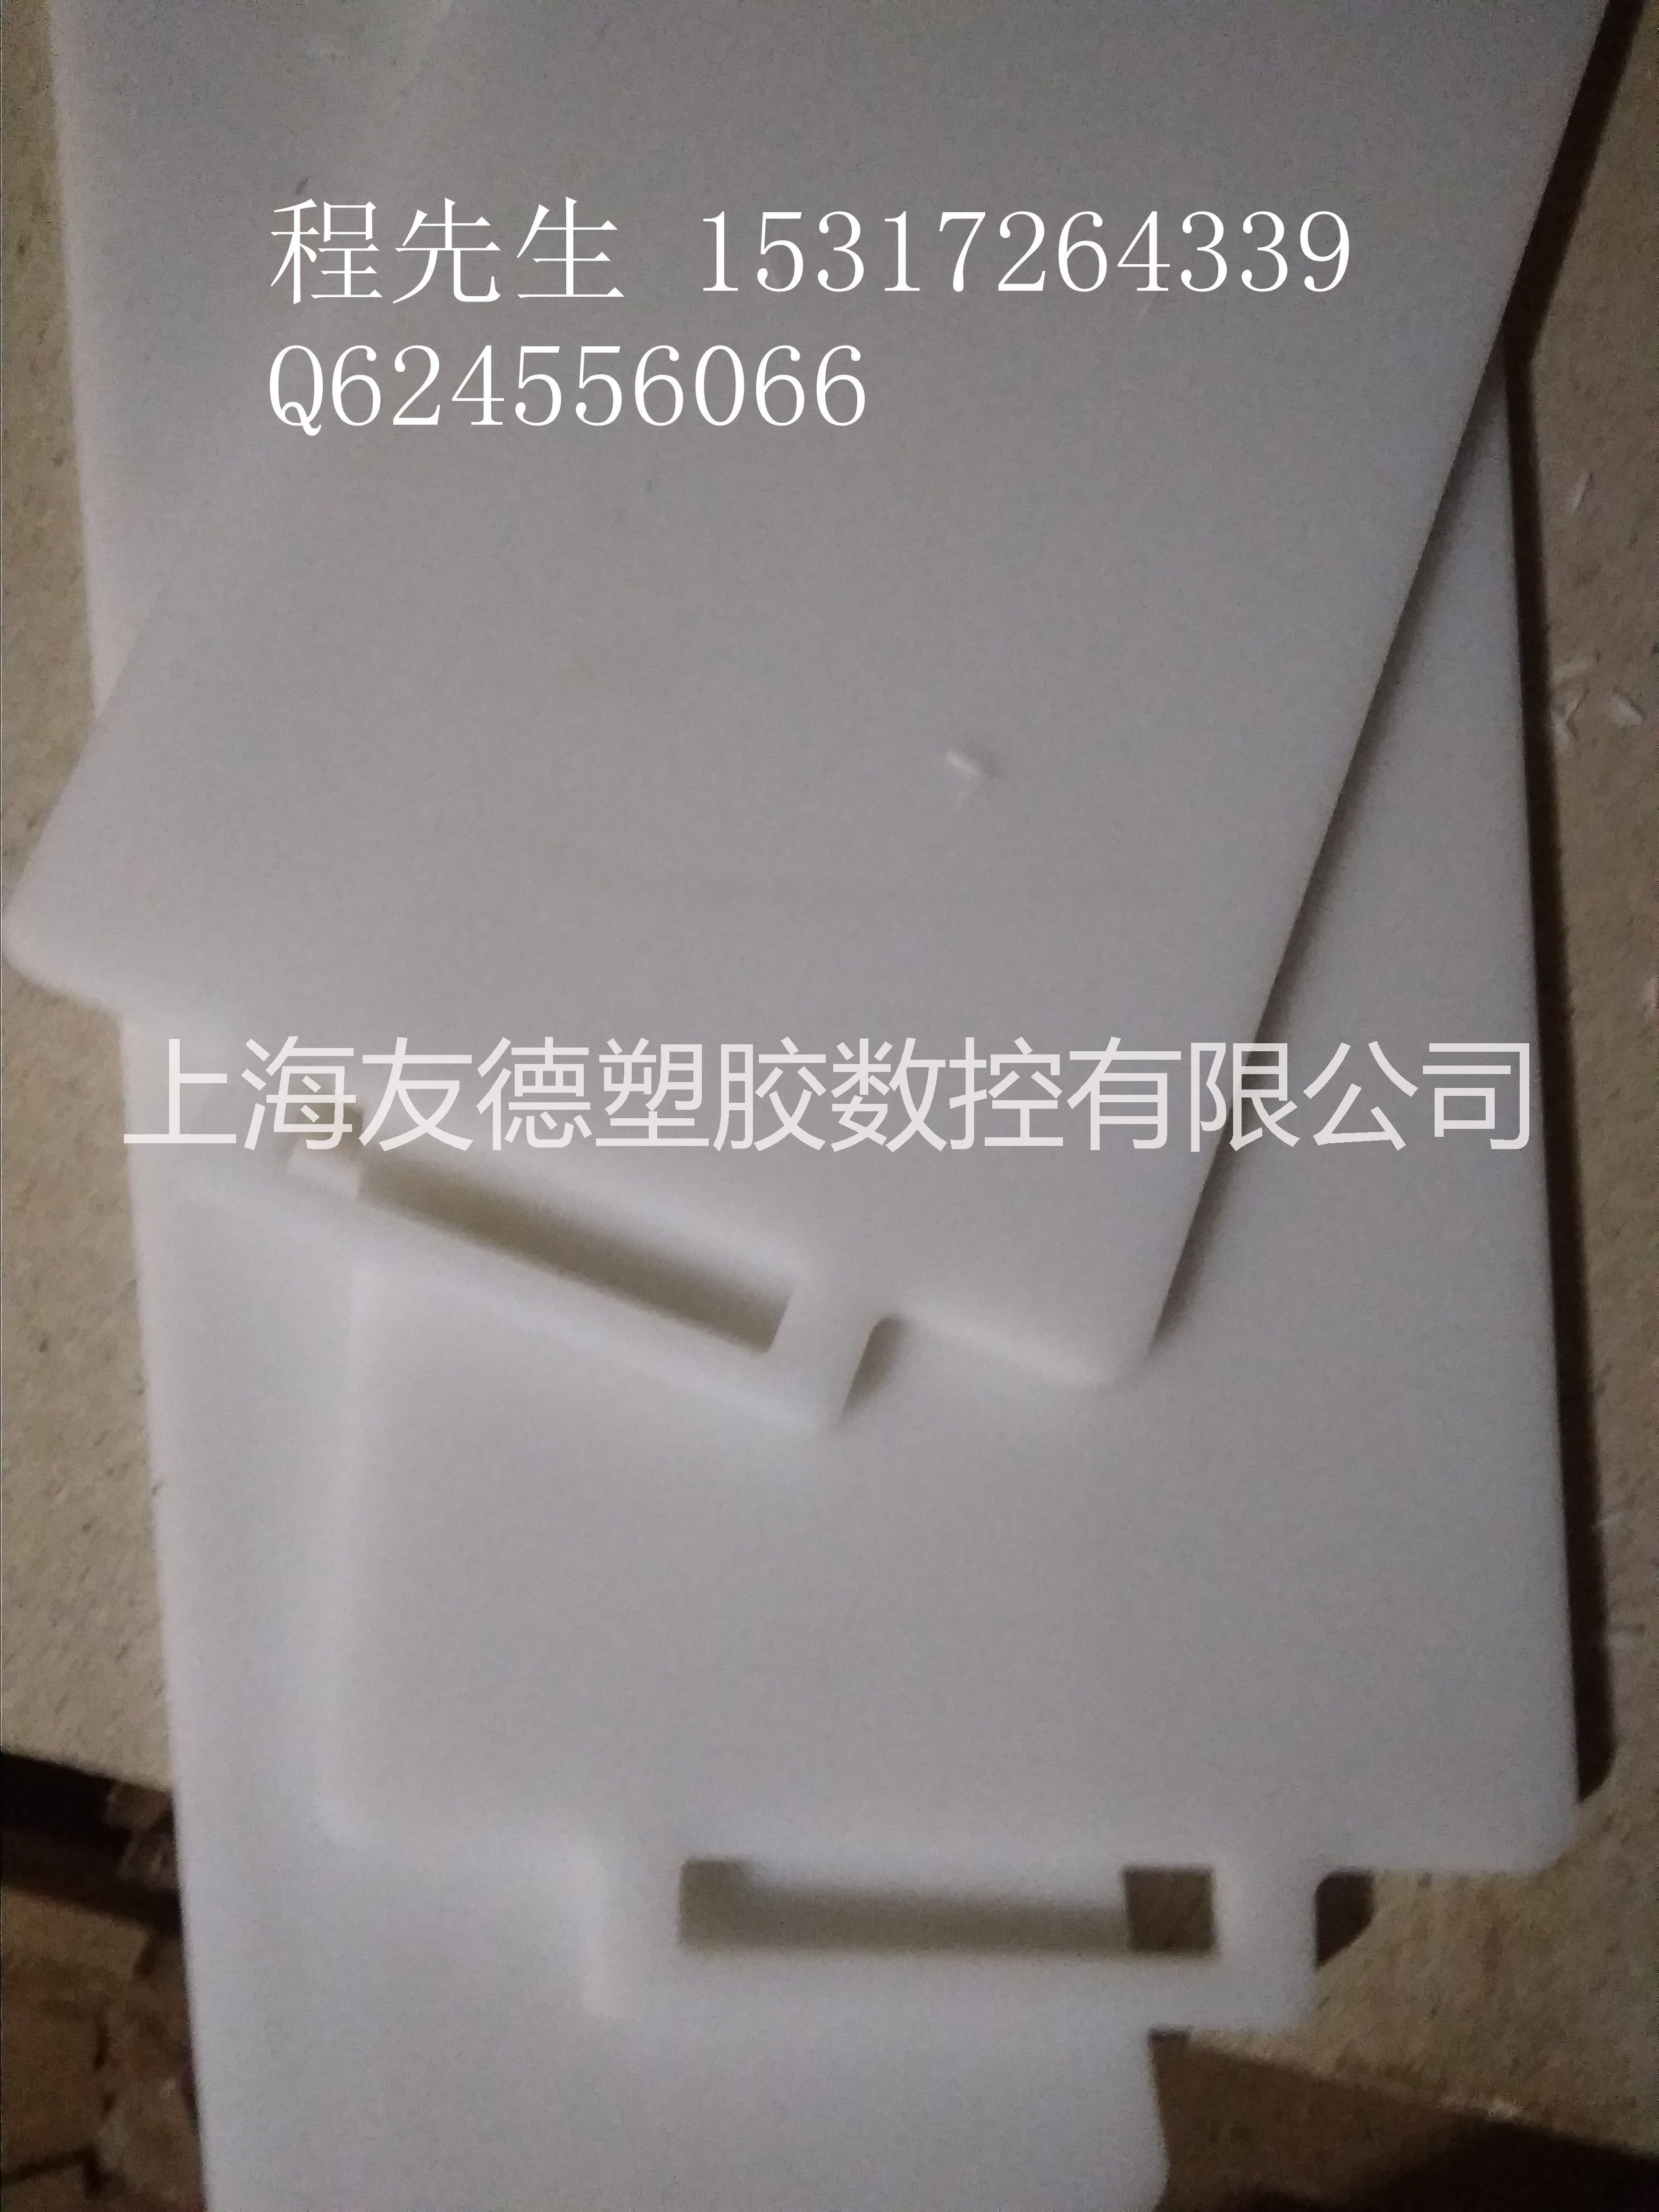 上海嘉定PP板雕刻加工|上海嘉定PP板雕刻加工厂|上海嘉定PP板雕刻公司|上海嘉定PP板雕刻加工定制